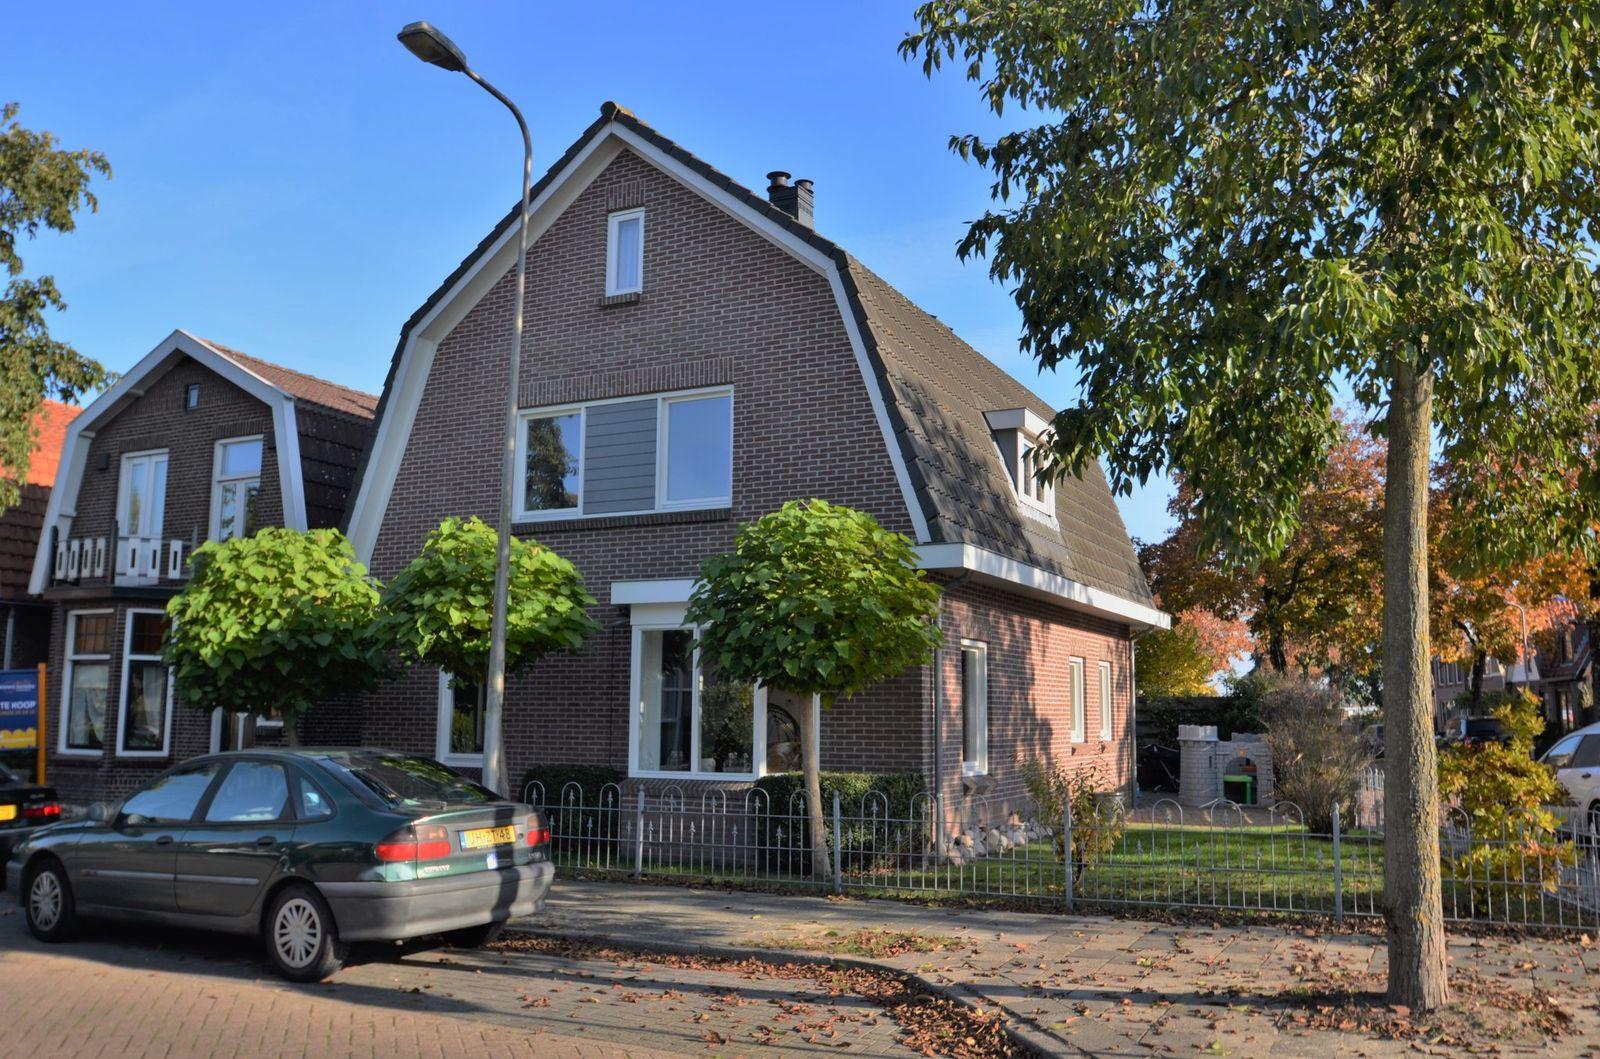 Comm d Vos v Steenwijklaan 36, Meppel